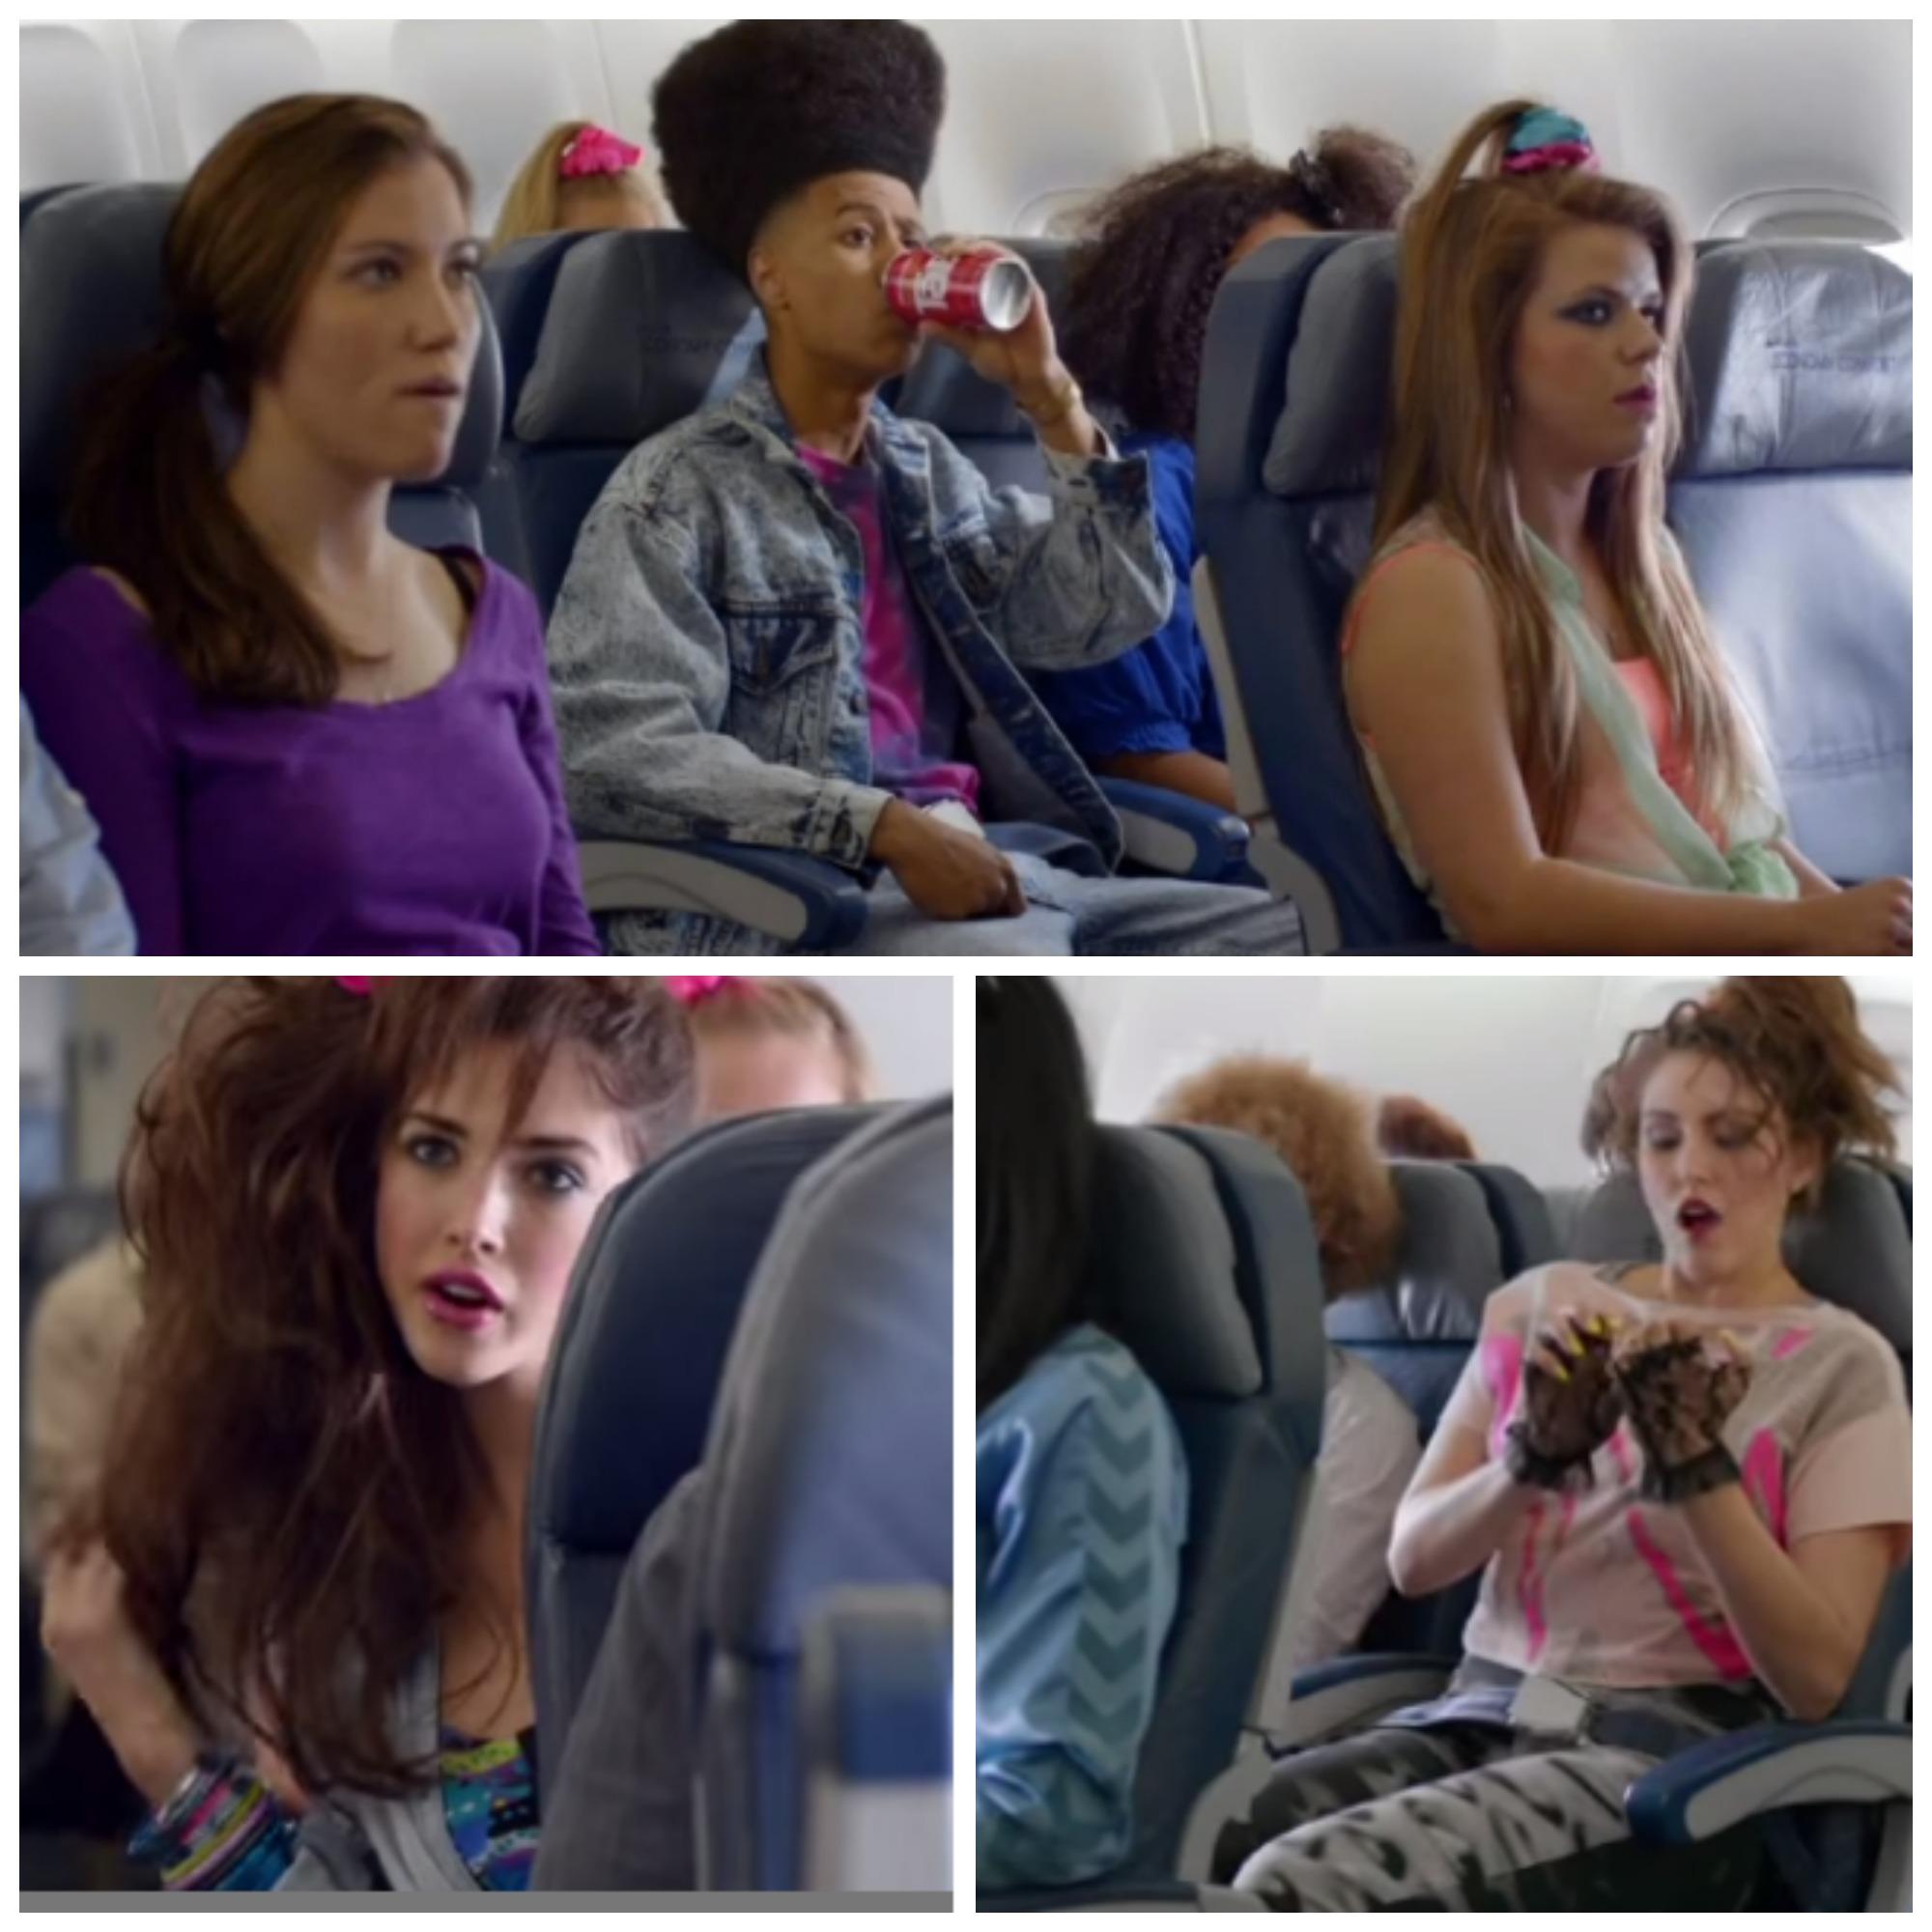 1980s air travel